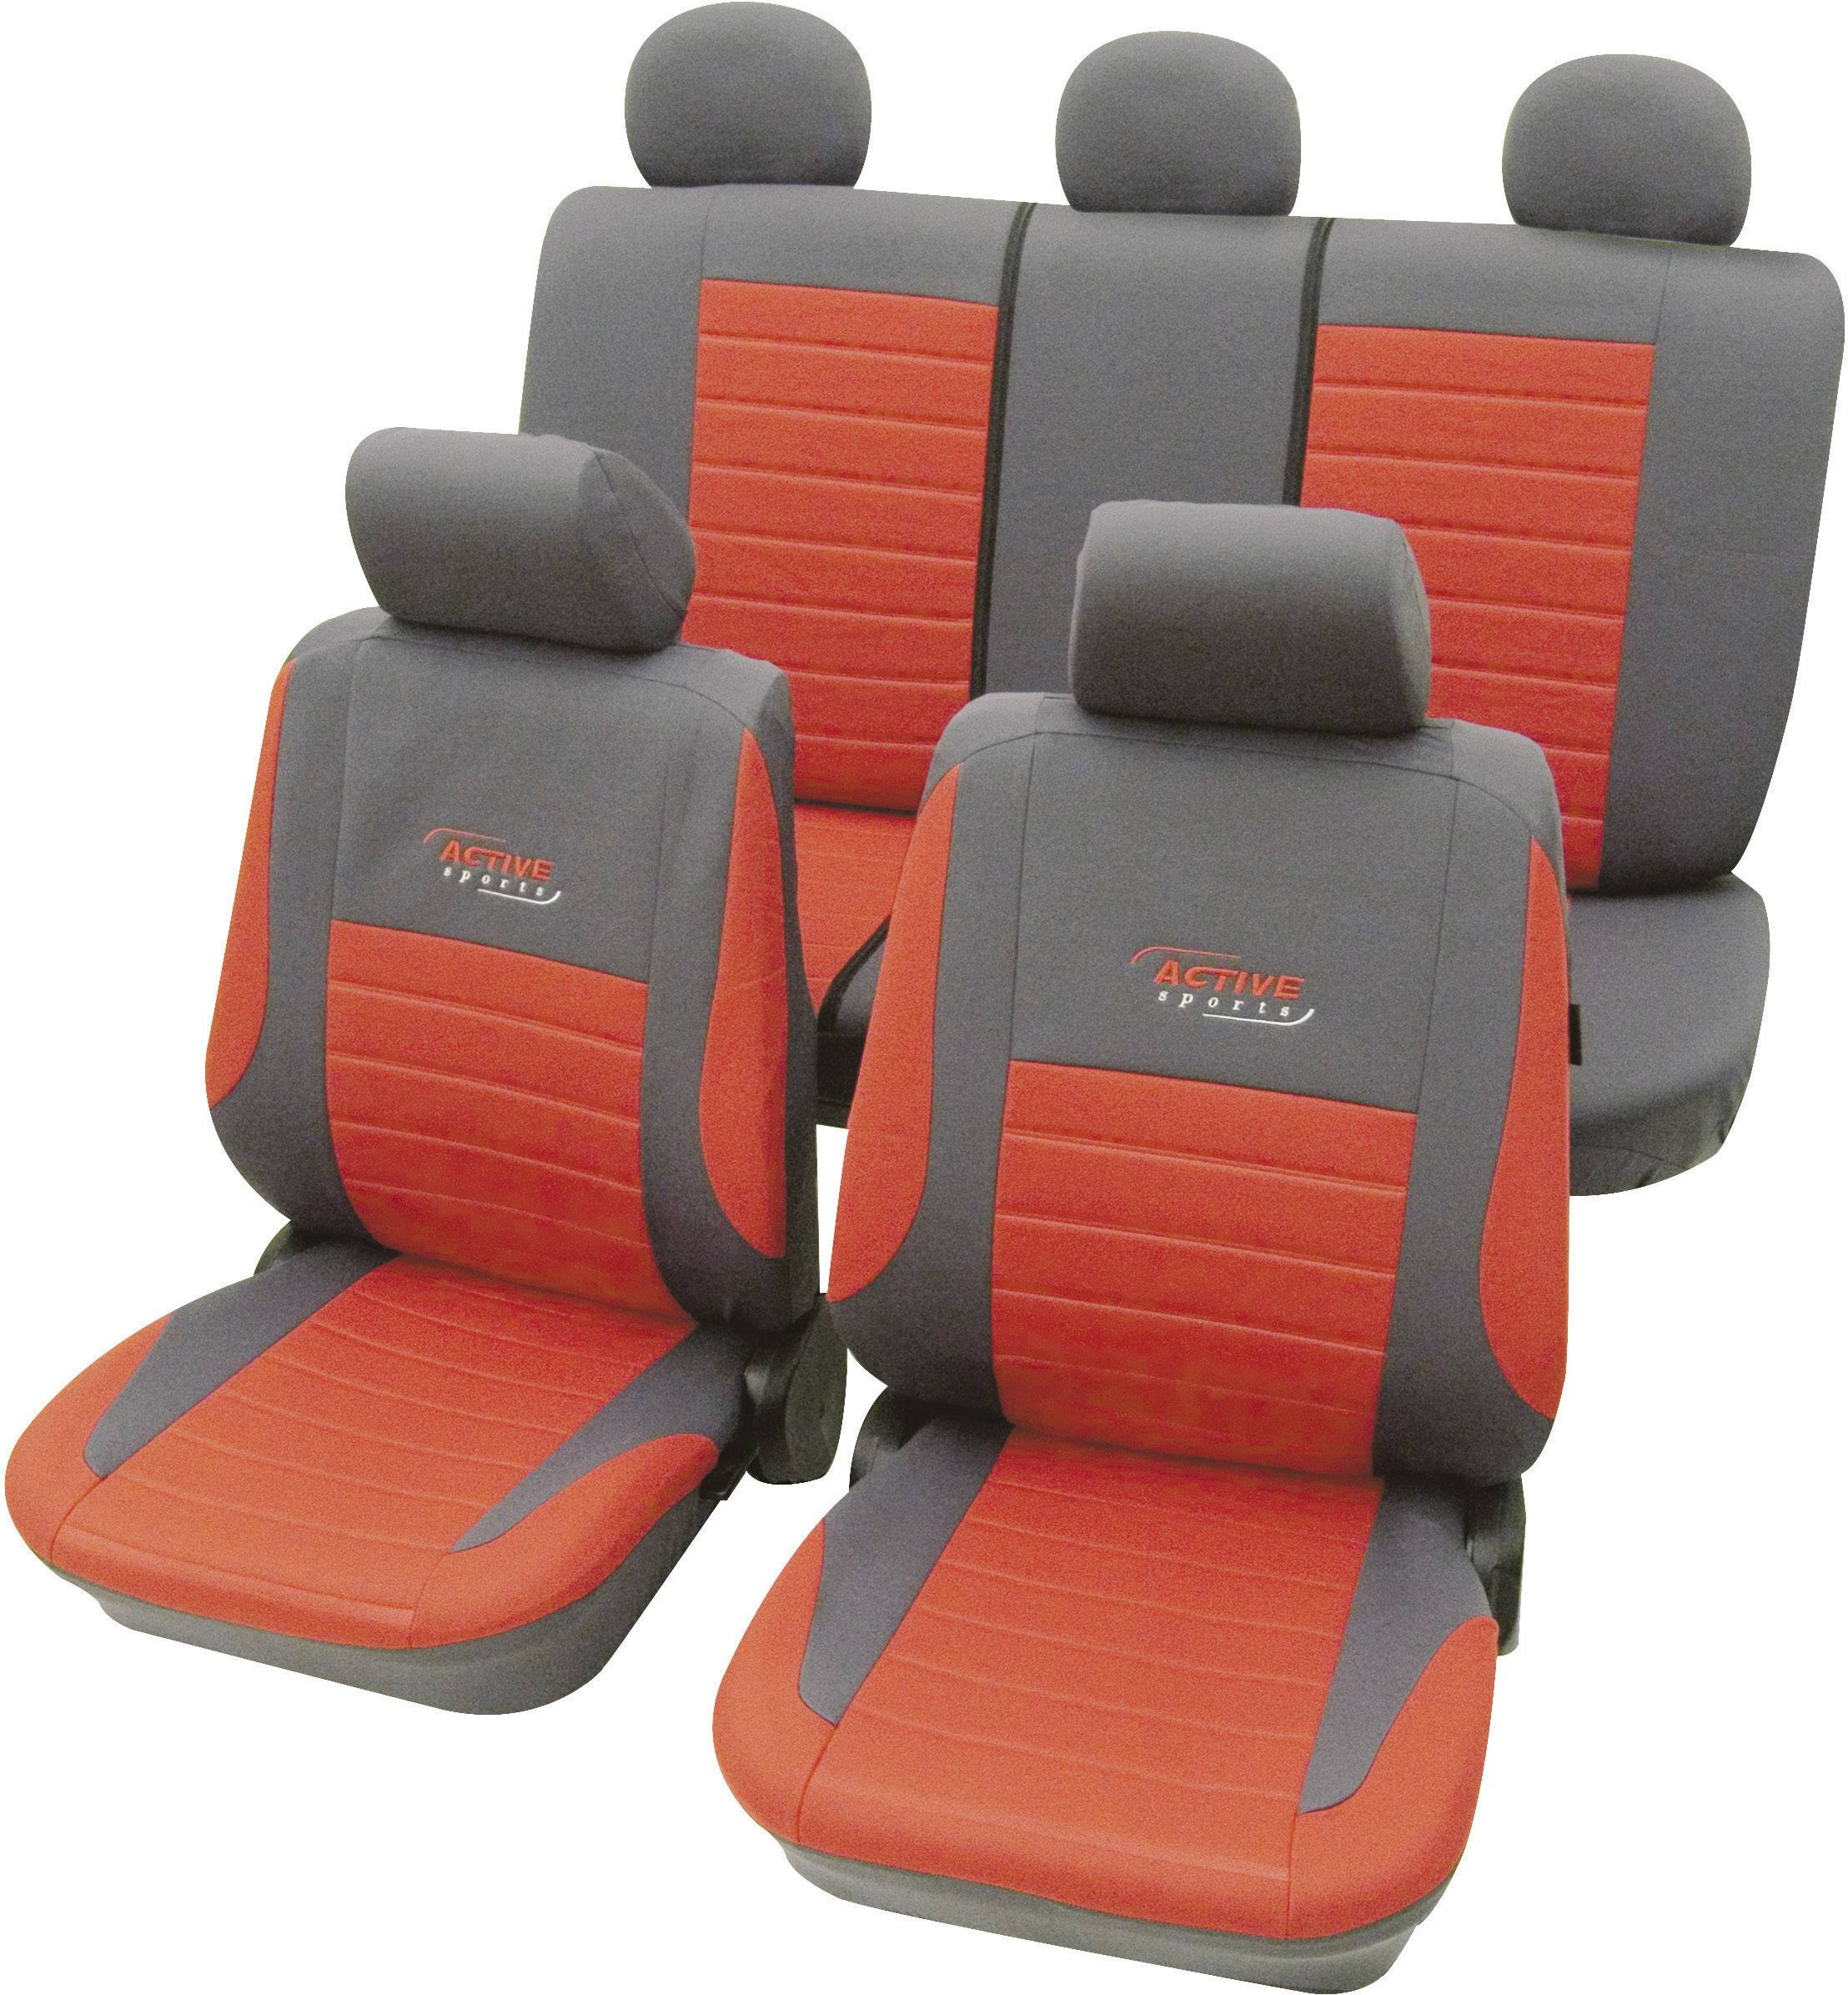 Autopotahy cartrend Active 60121, 11dílná, polyester, červená